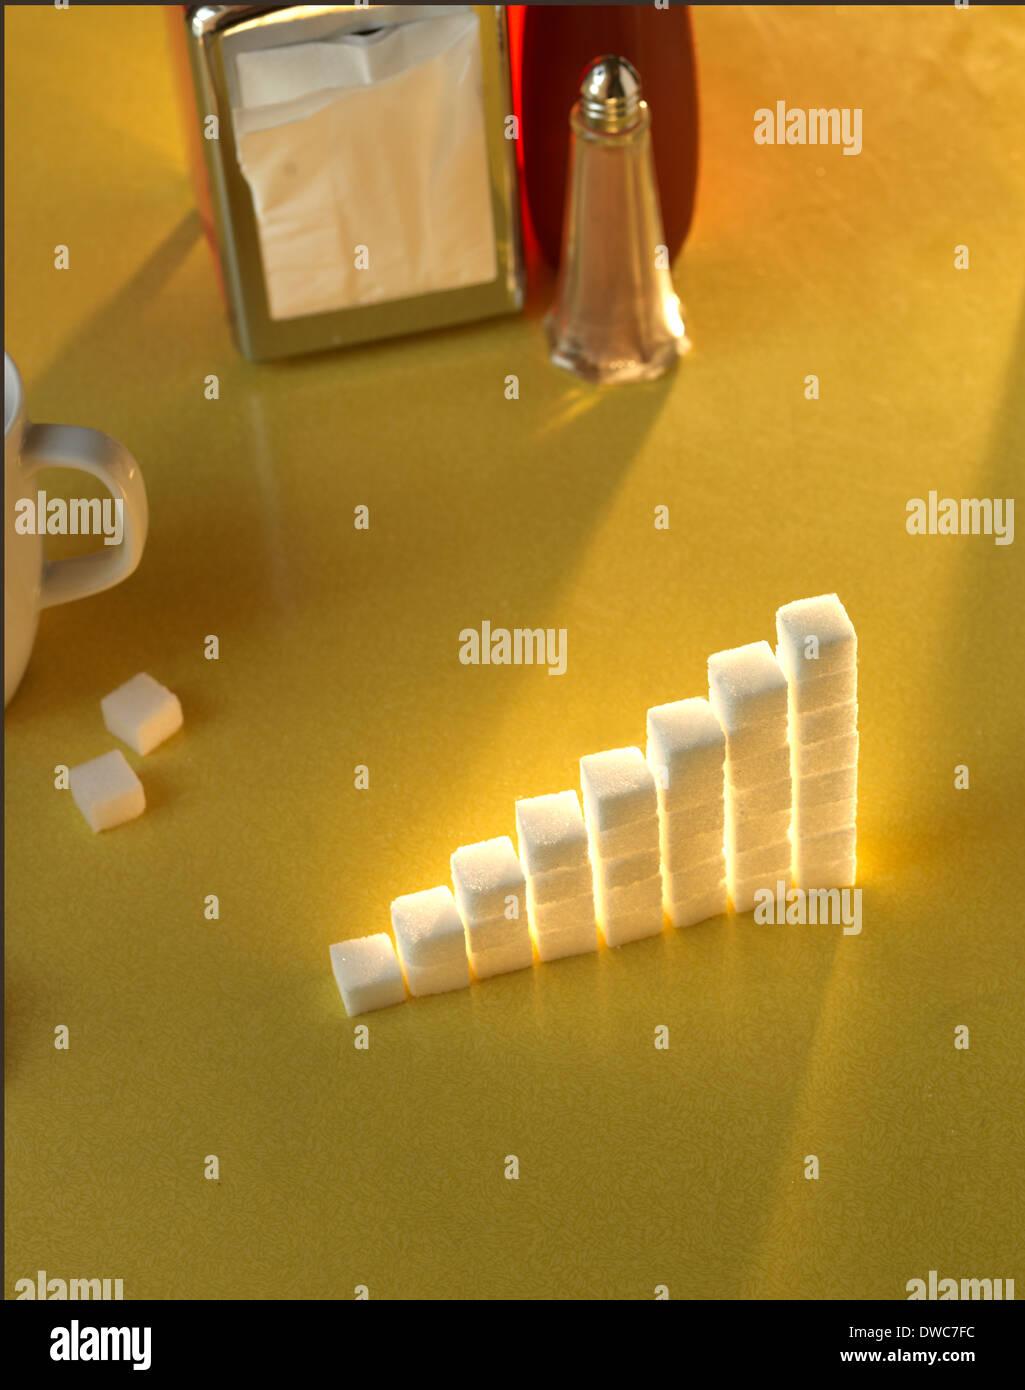 Pila di cubetti di zucchero in forma di grafico su una tabella di colore giallo Immagini Stock